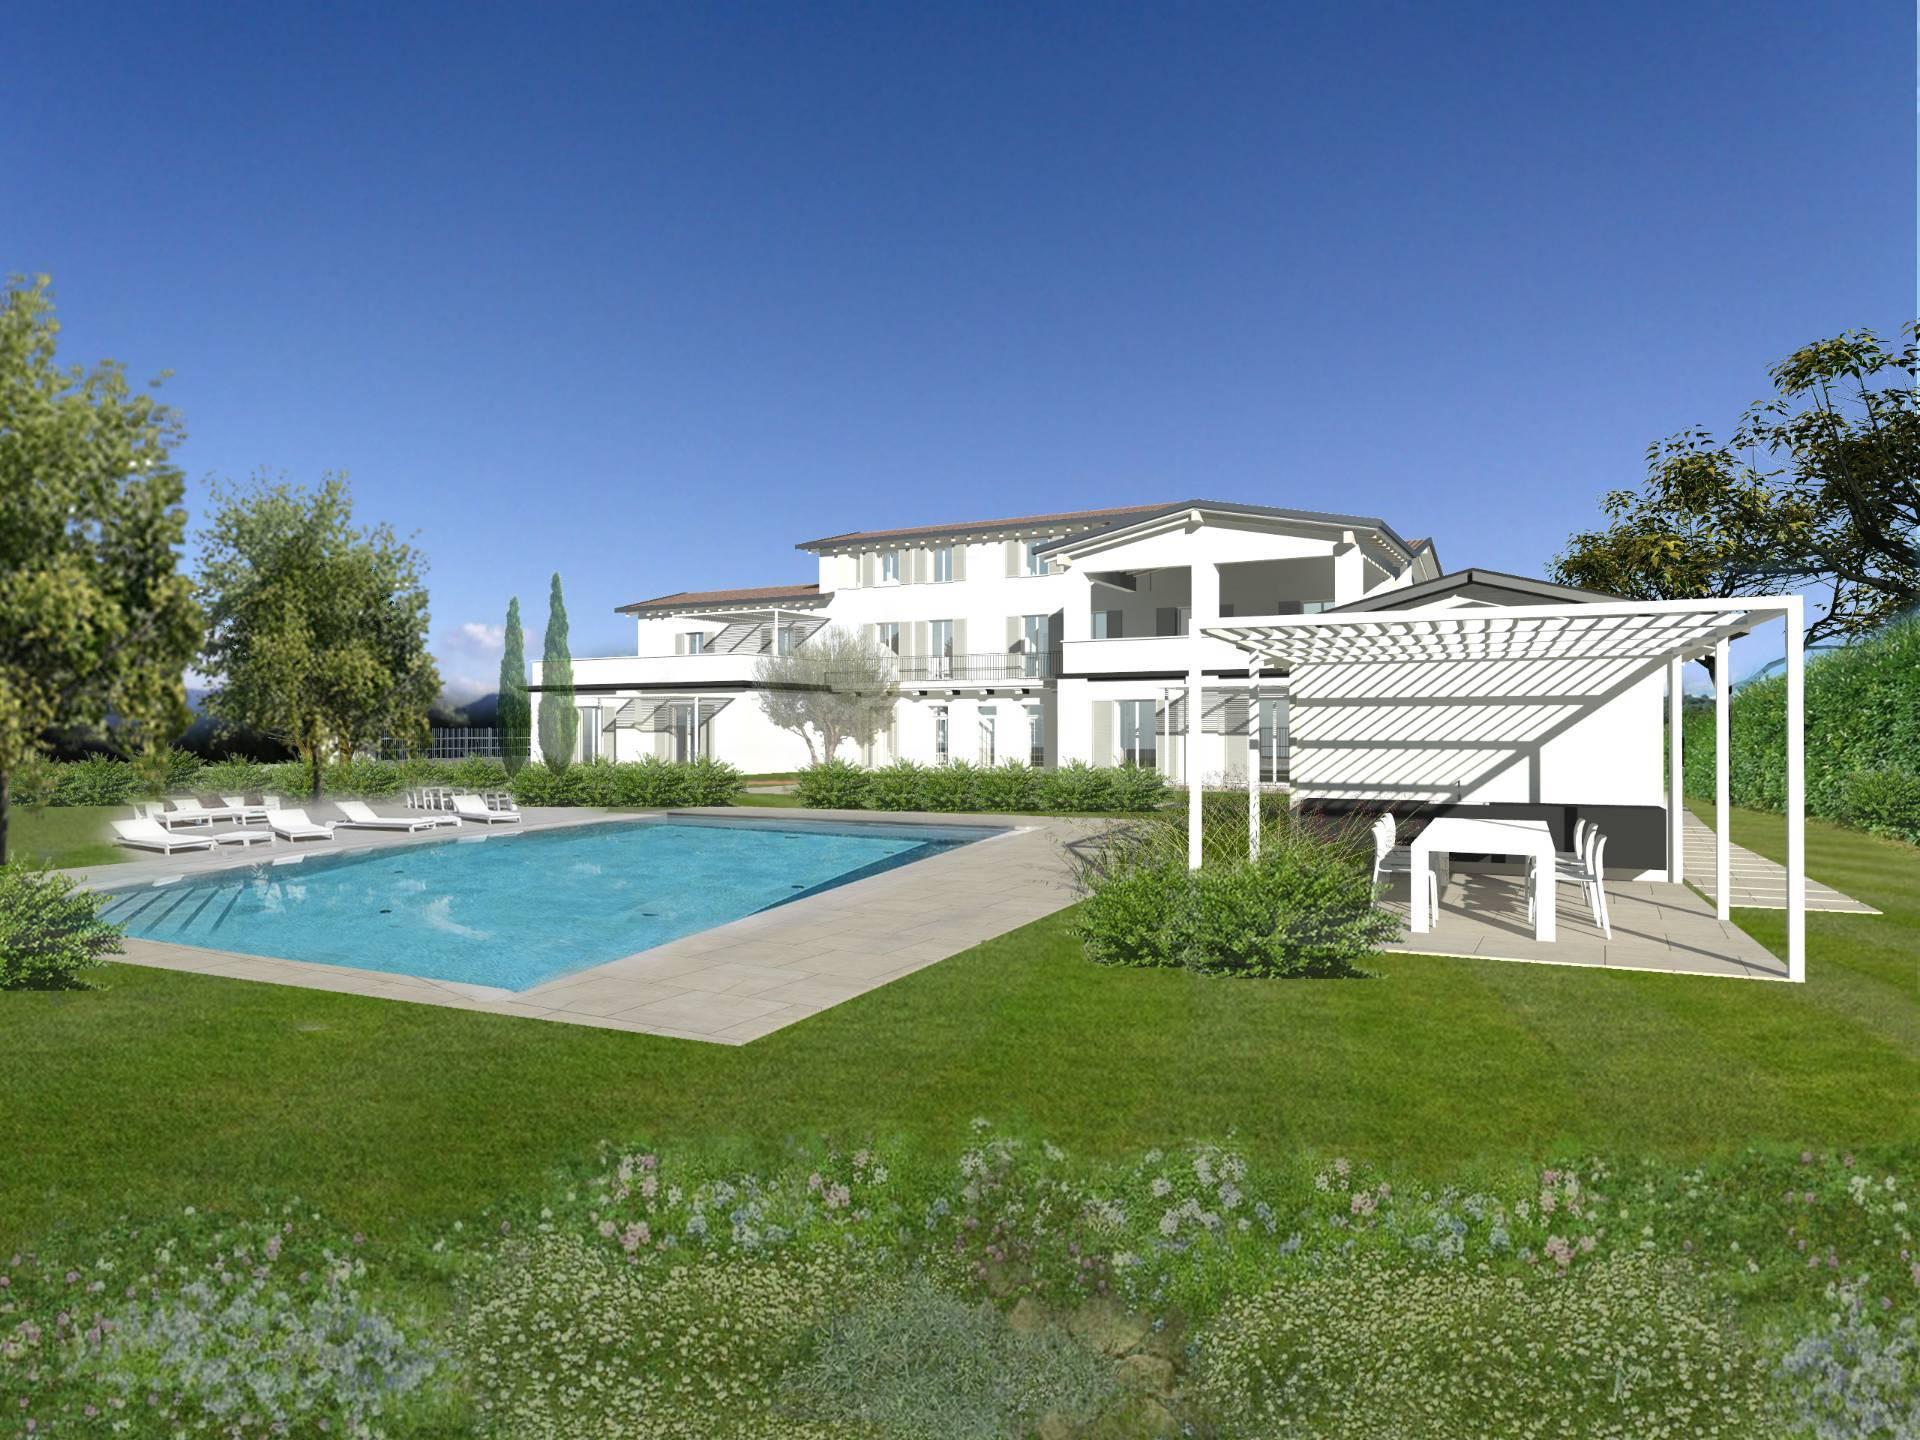 Appartamento in vendita a Sirmione, 3 locali, zona na, prezzo € 420.000 | PortaleAgenzieImmobiliari.it